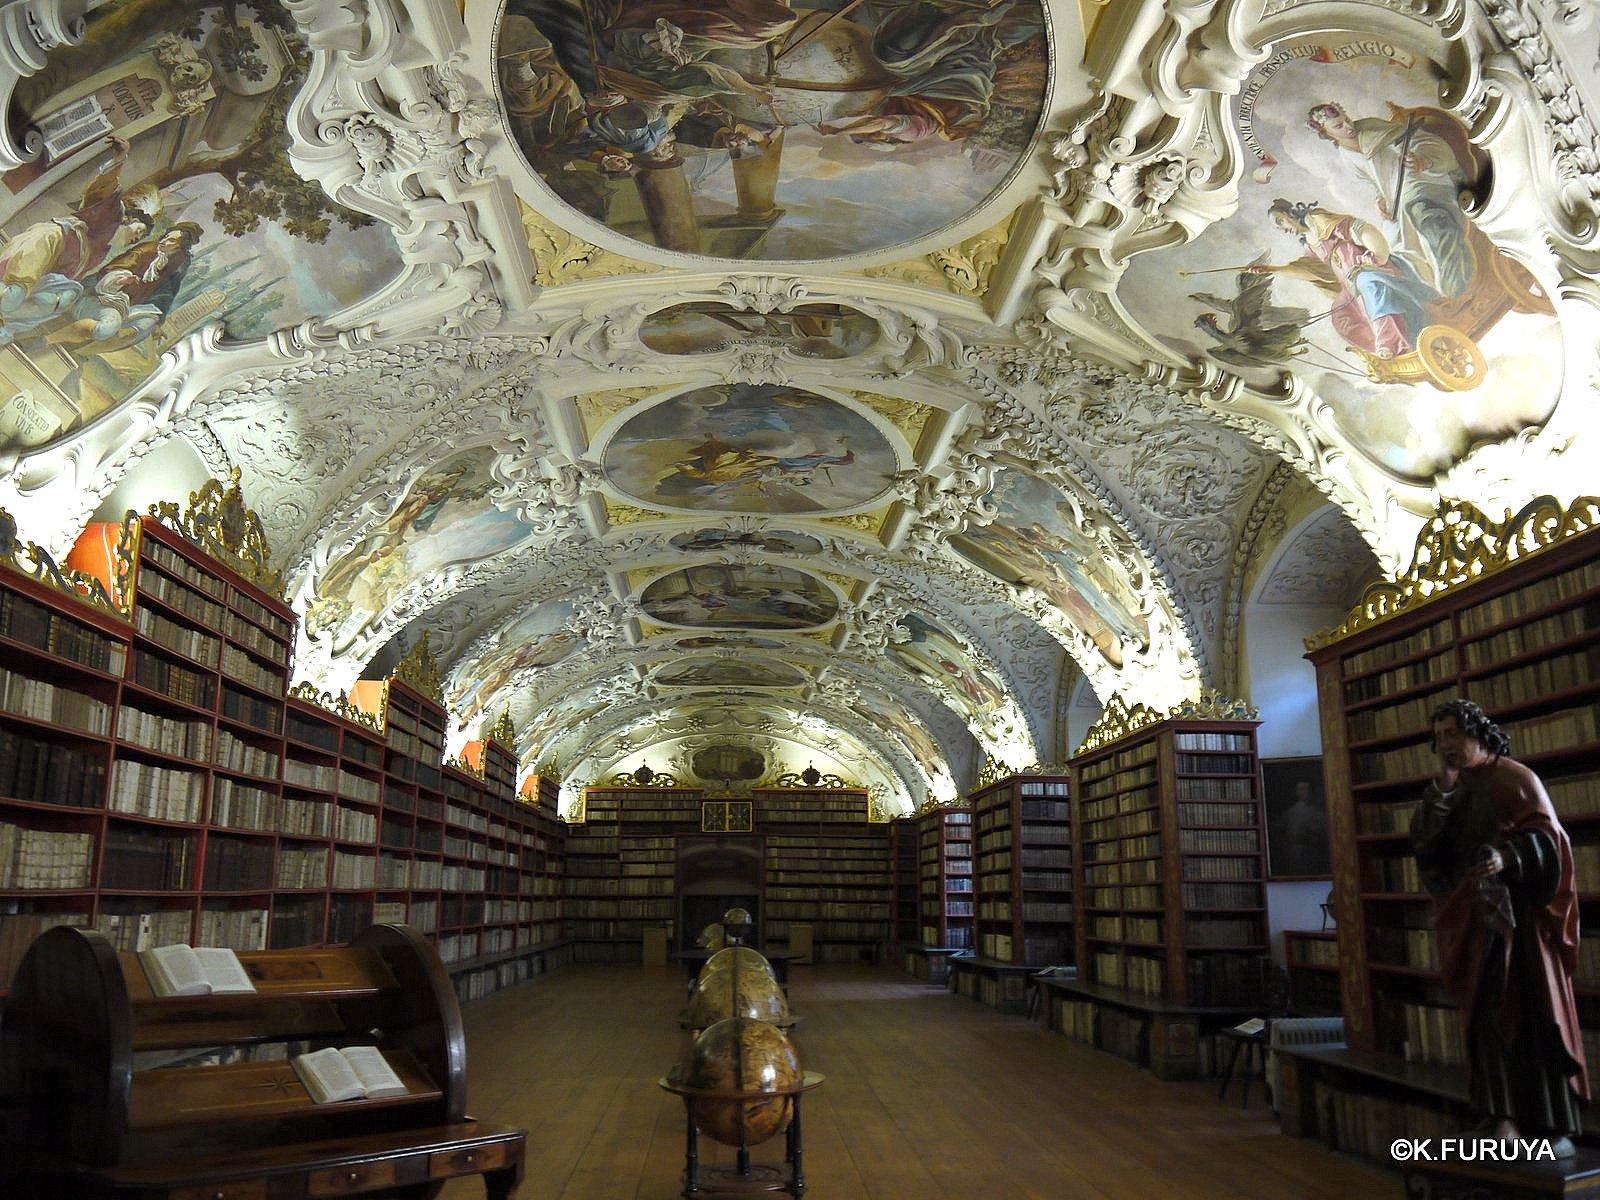 プラハ 1  ストラホフ修道院_a0092659_22114213.jpg